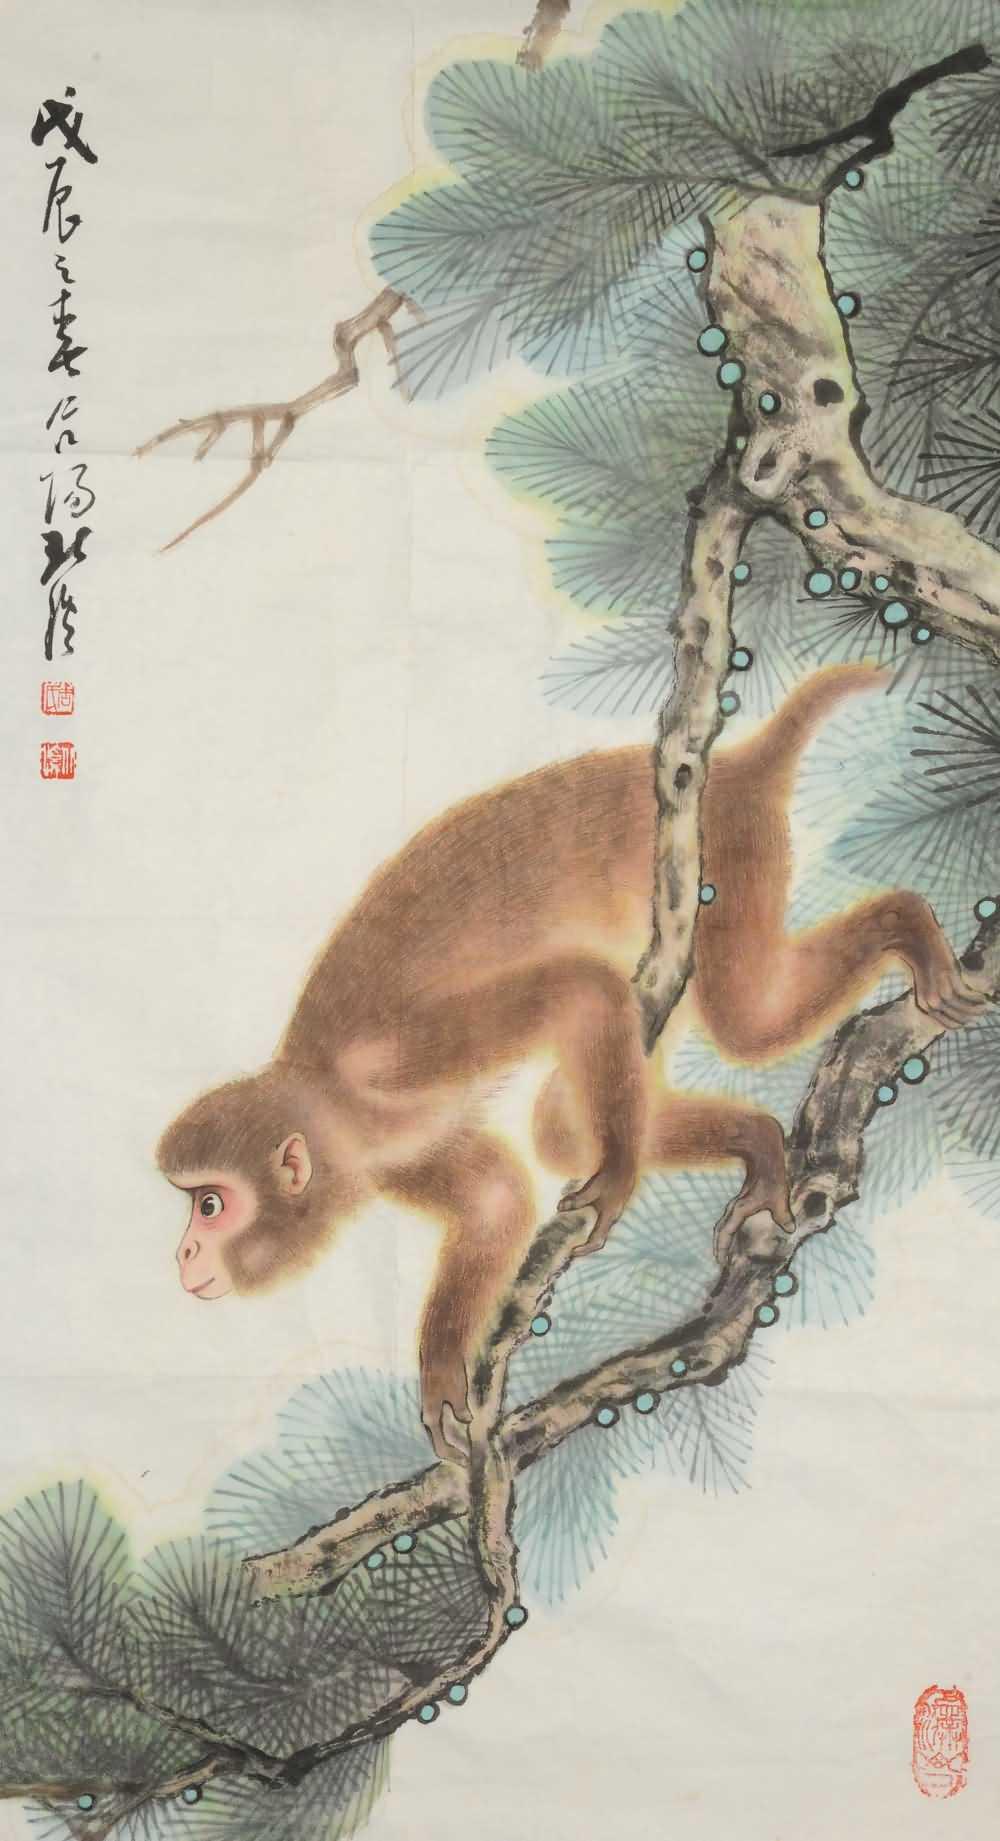 周北溪工笔动物,周北溪-猴